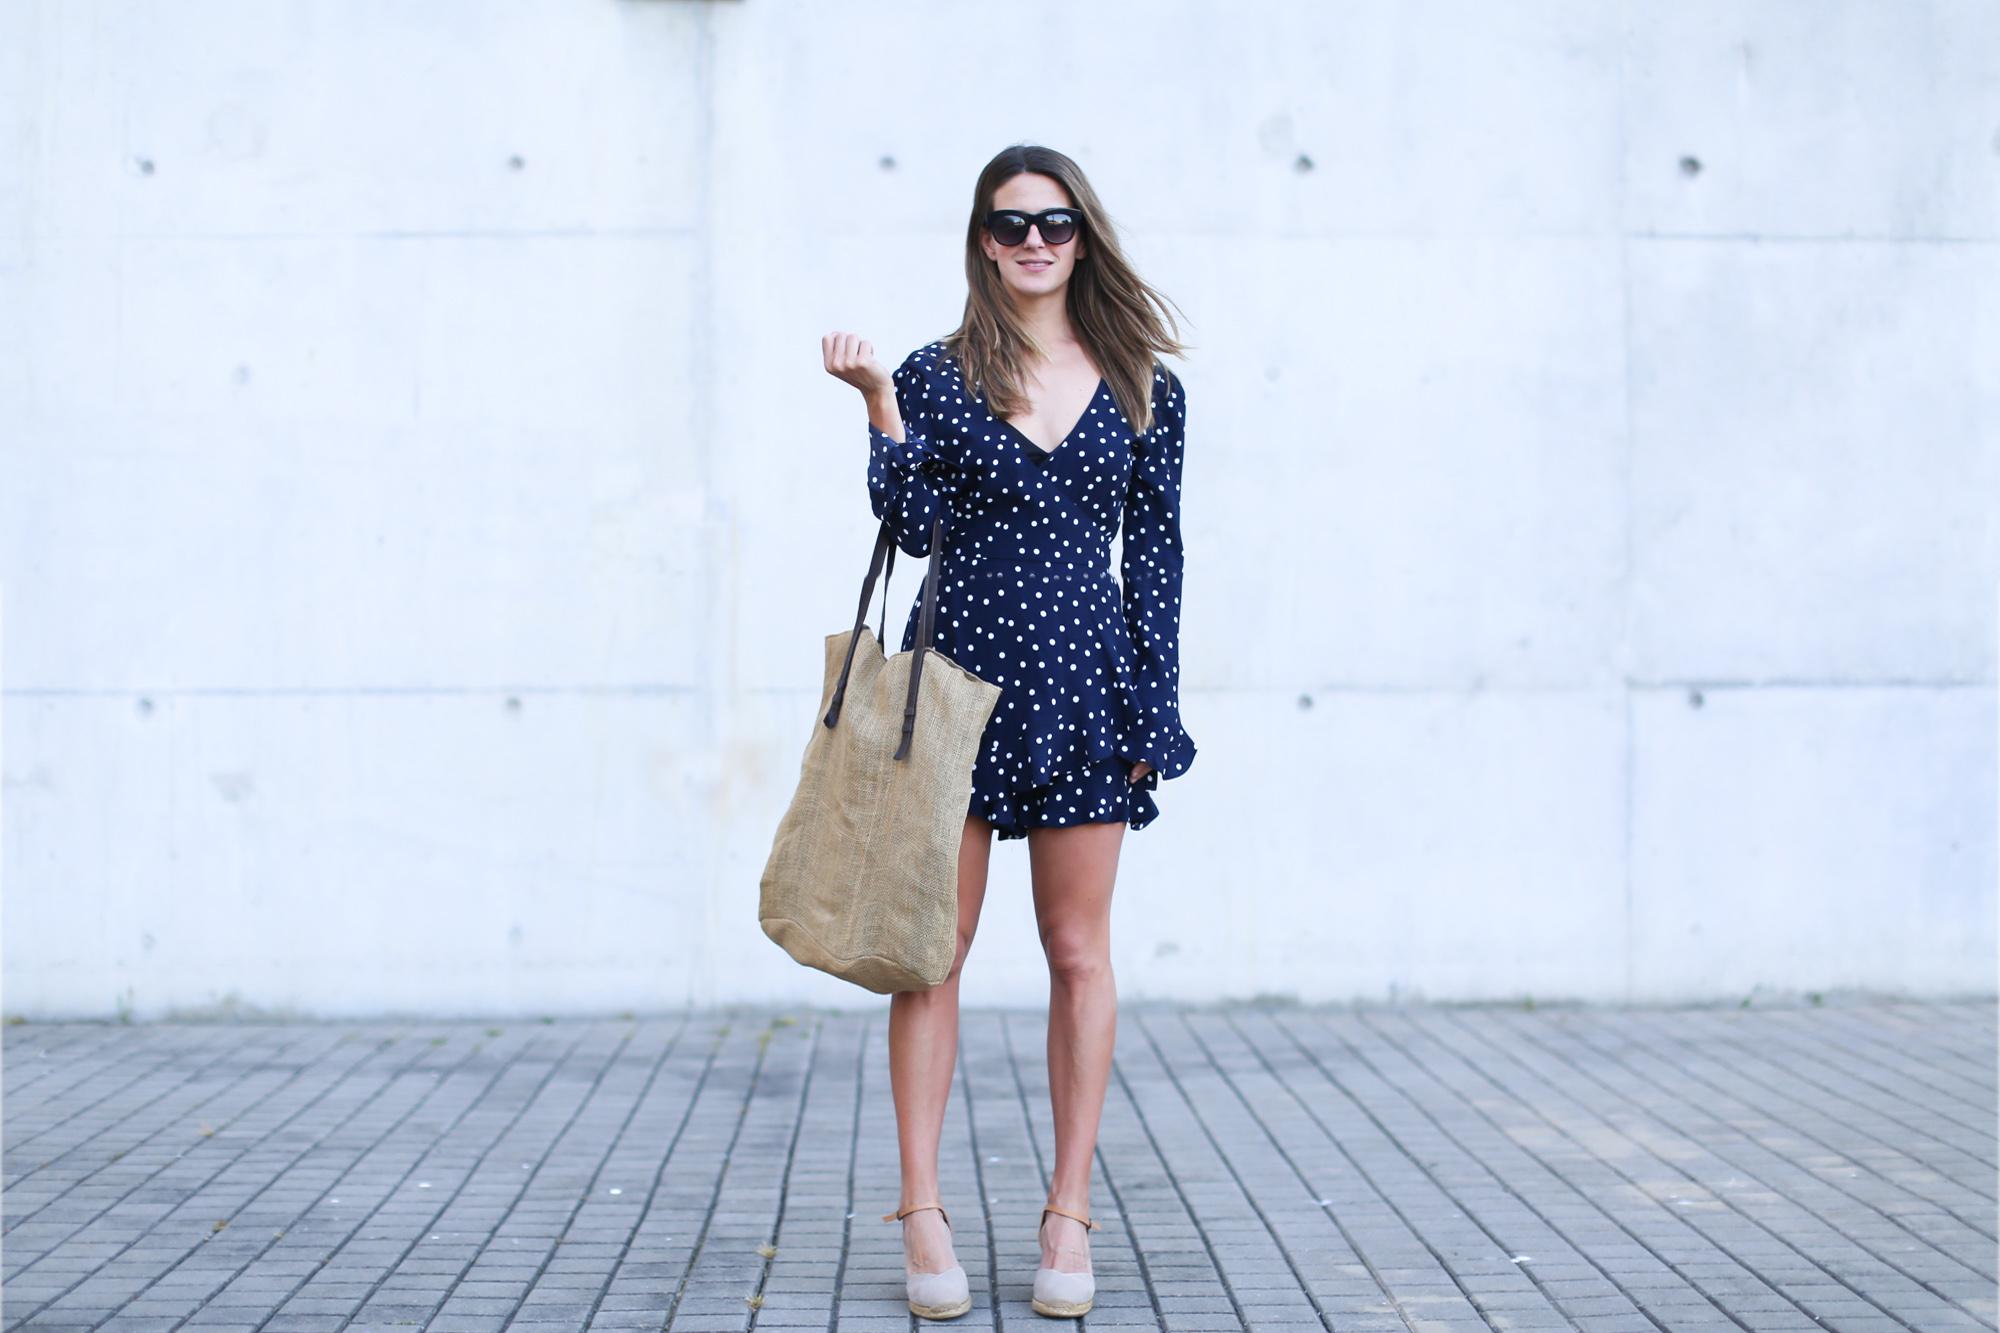 Mono corto lunares Zara   look zara   Zara - Blog de moda